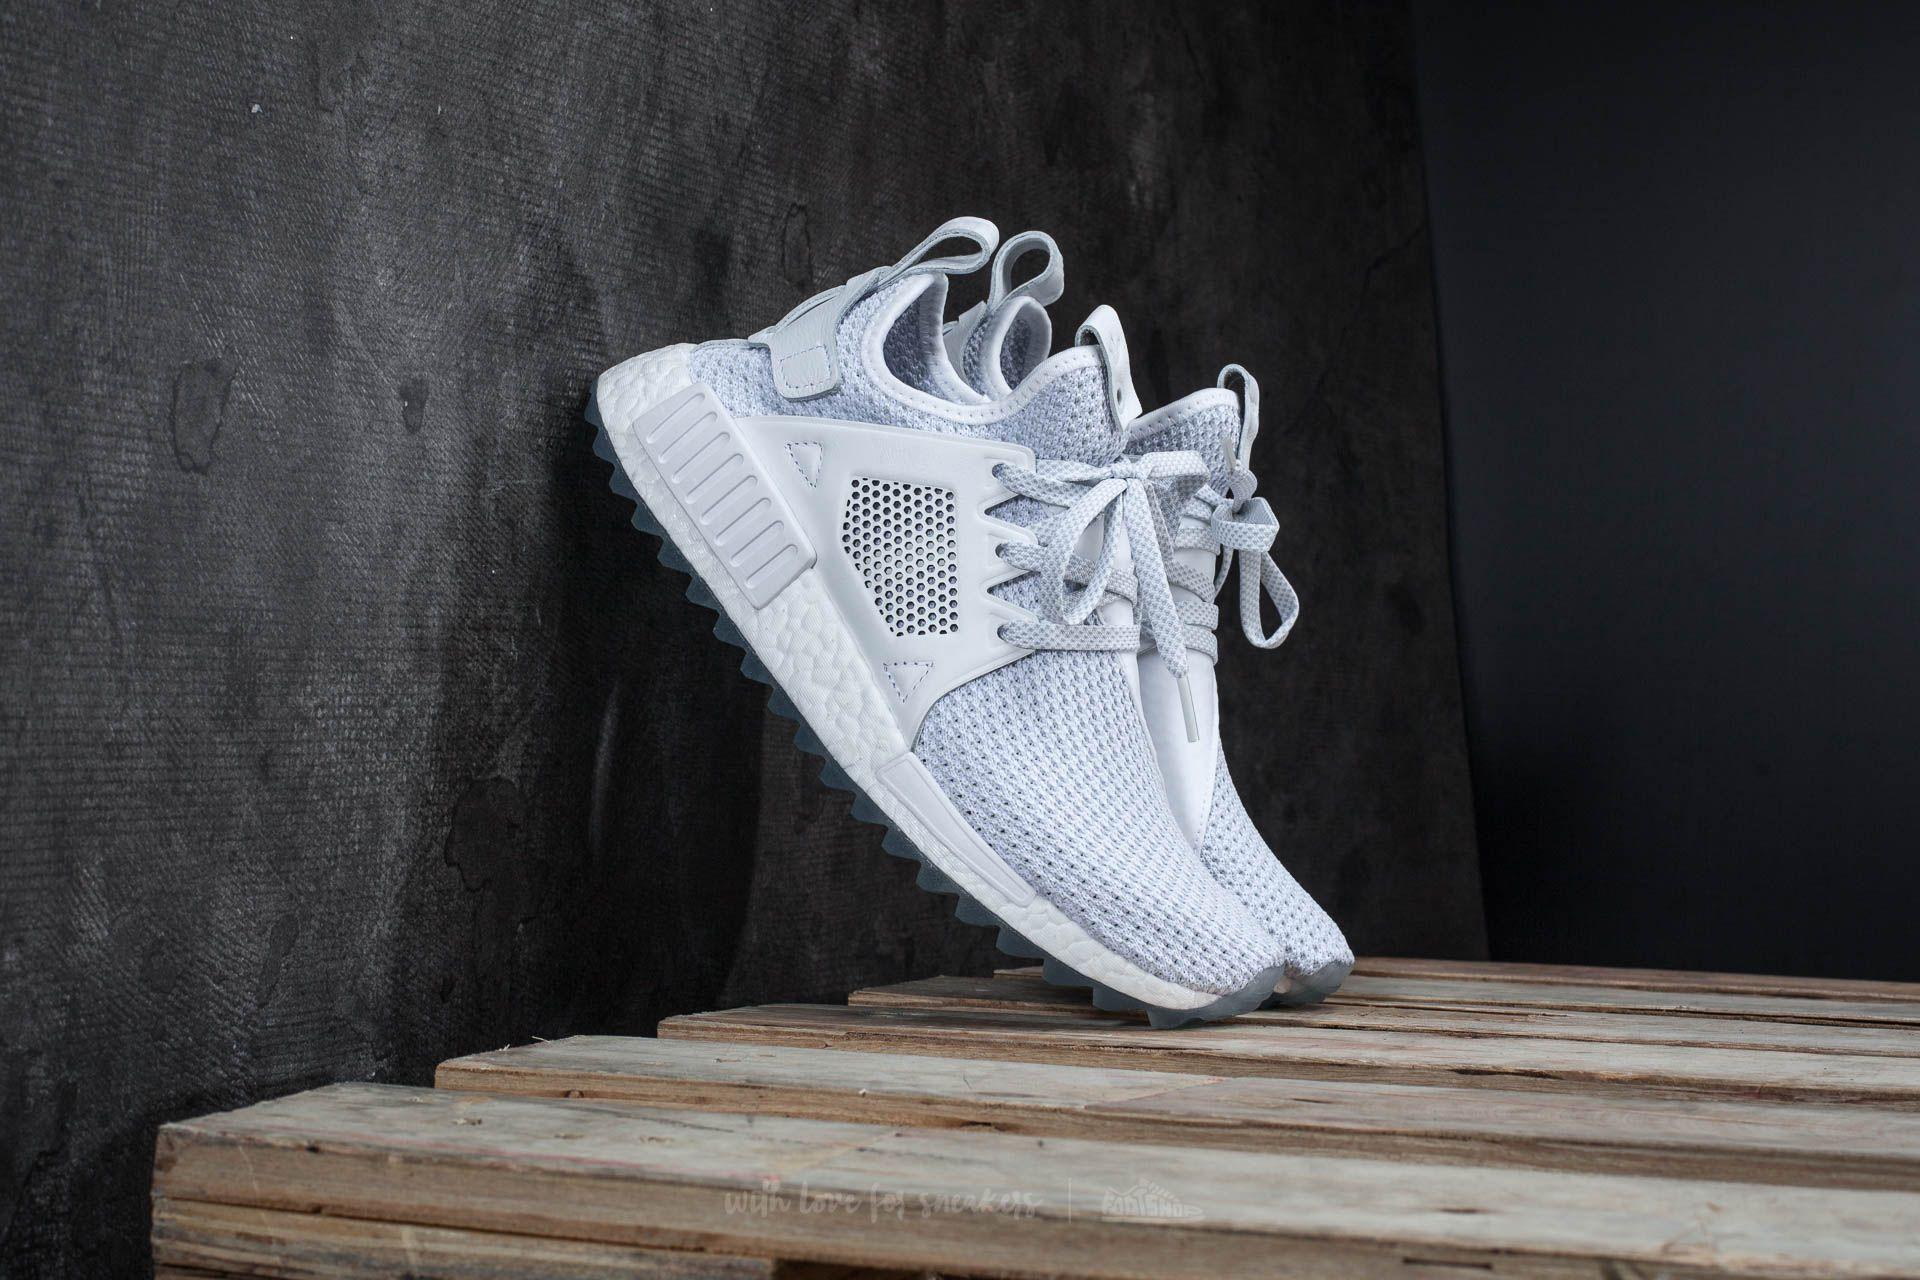 46f5230fa88f adidas Consortium NMD XR1 TR x The Titolo White